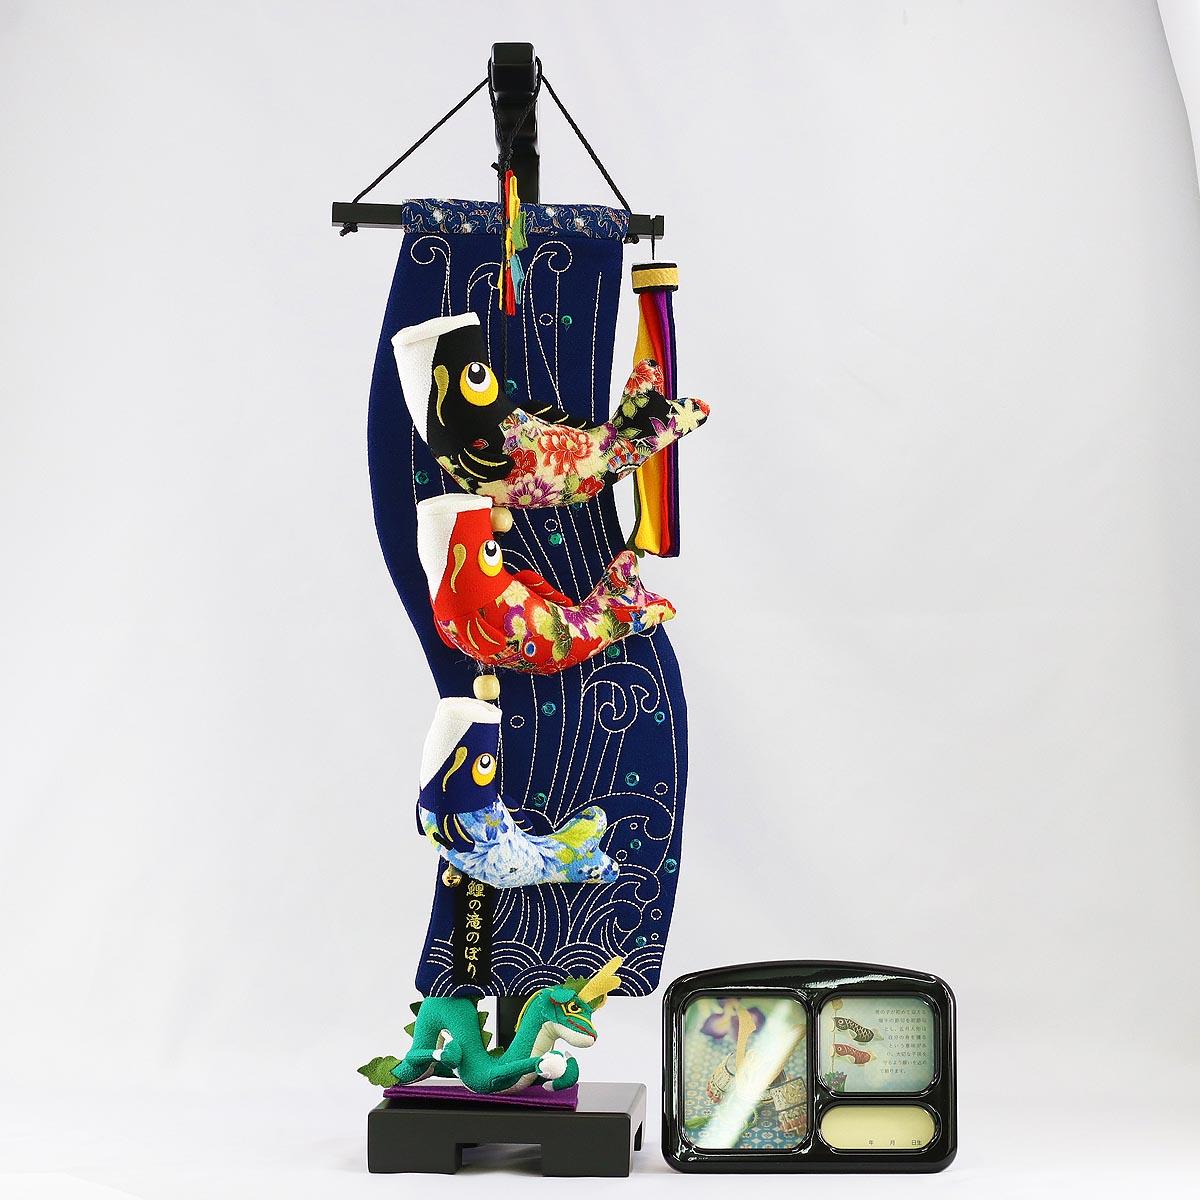 室内 鯉のぼり 鯉の滝登り 小 (スタンド・オルゴール付) TRS-BK-KTS送料無料 ※北海道 沖縄は除く おしゃれ で かわいい つるし飾り 吊るし飾り 室内用 こいのぼり で 端午の節句 こどもの日 のお祝いに